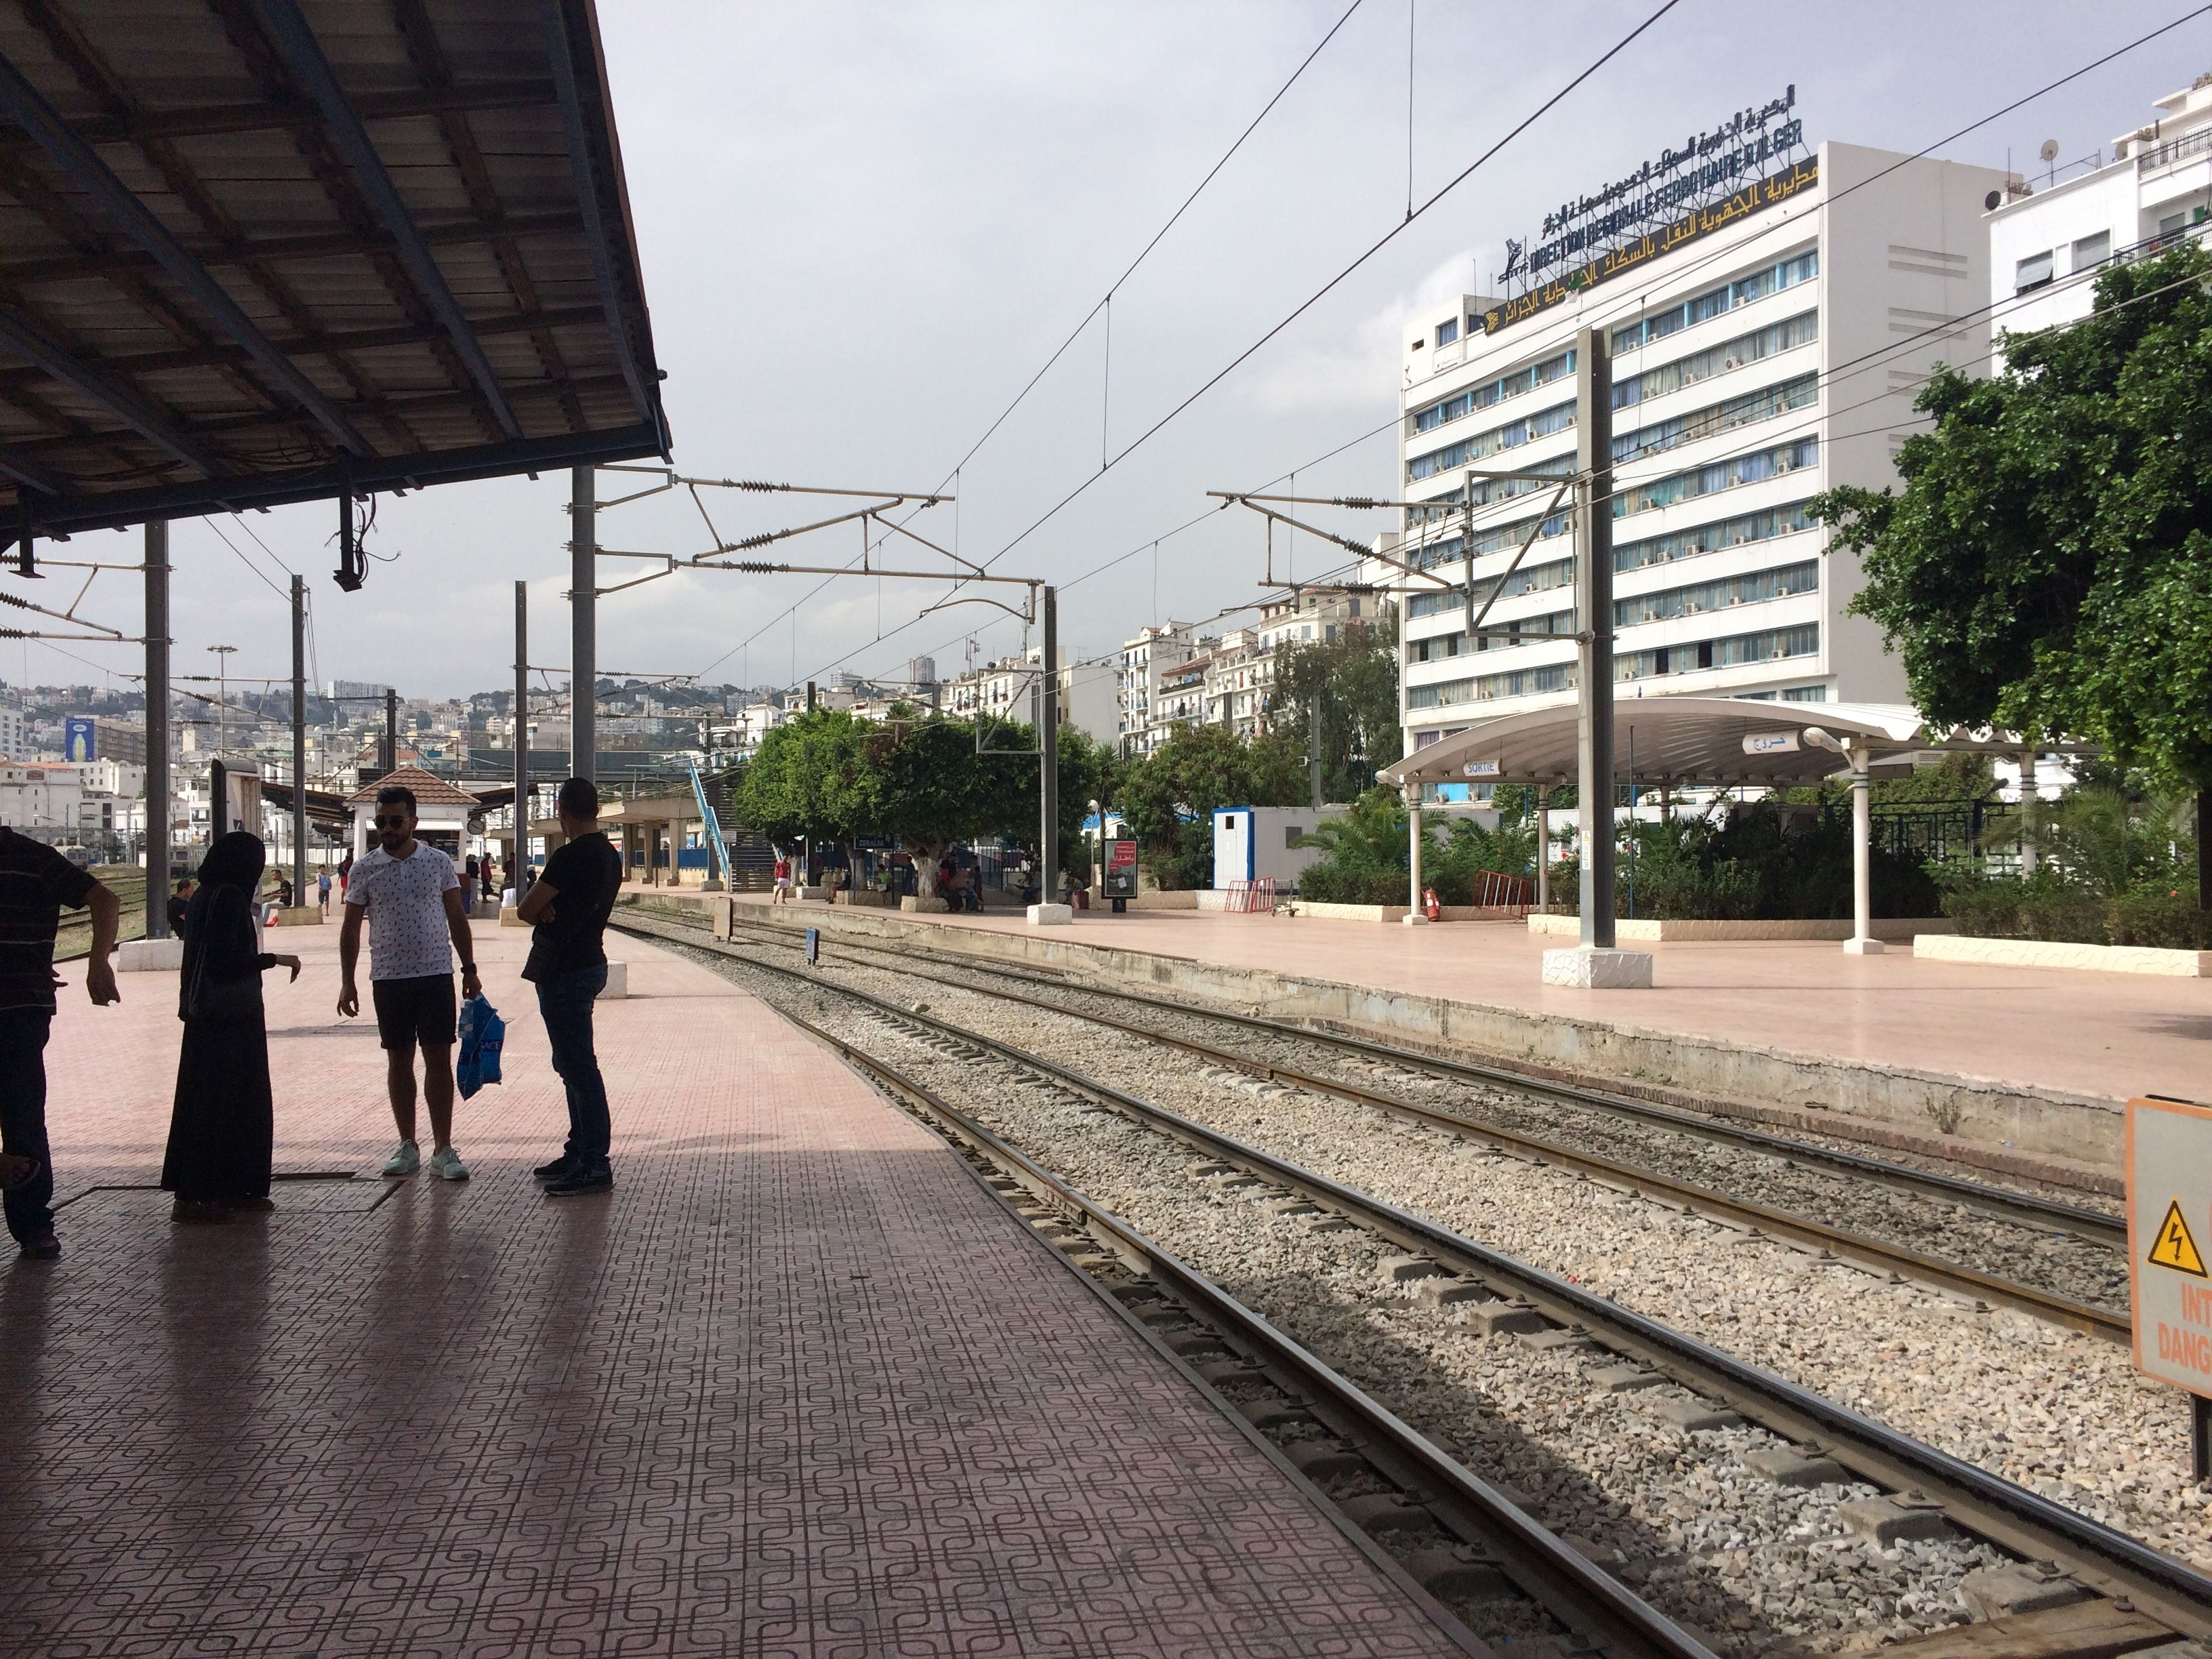 Station de train d'Agha à Alger, Algérie